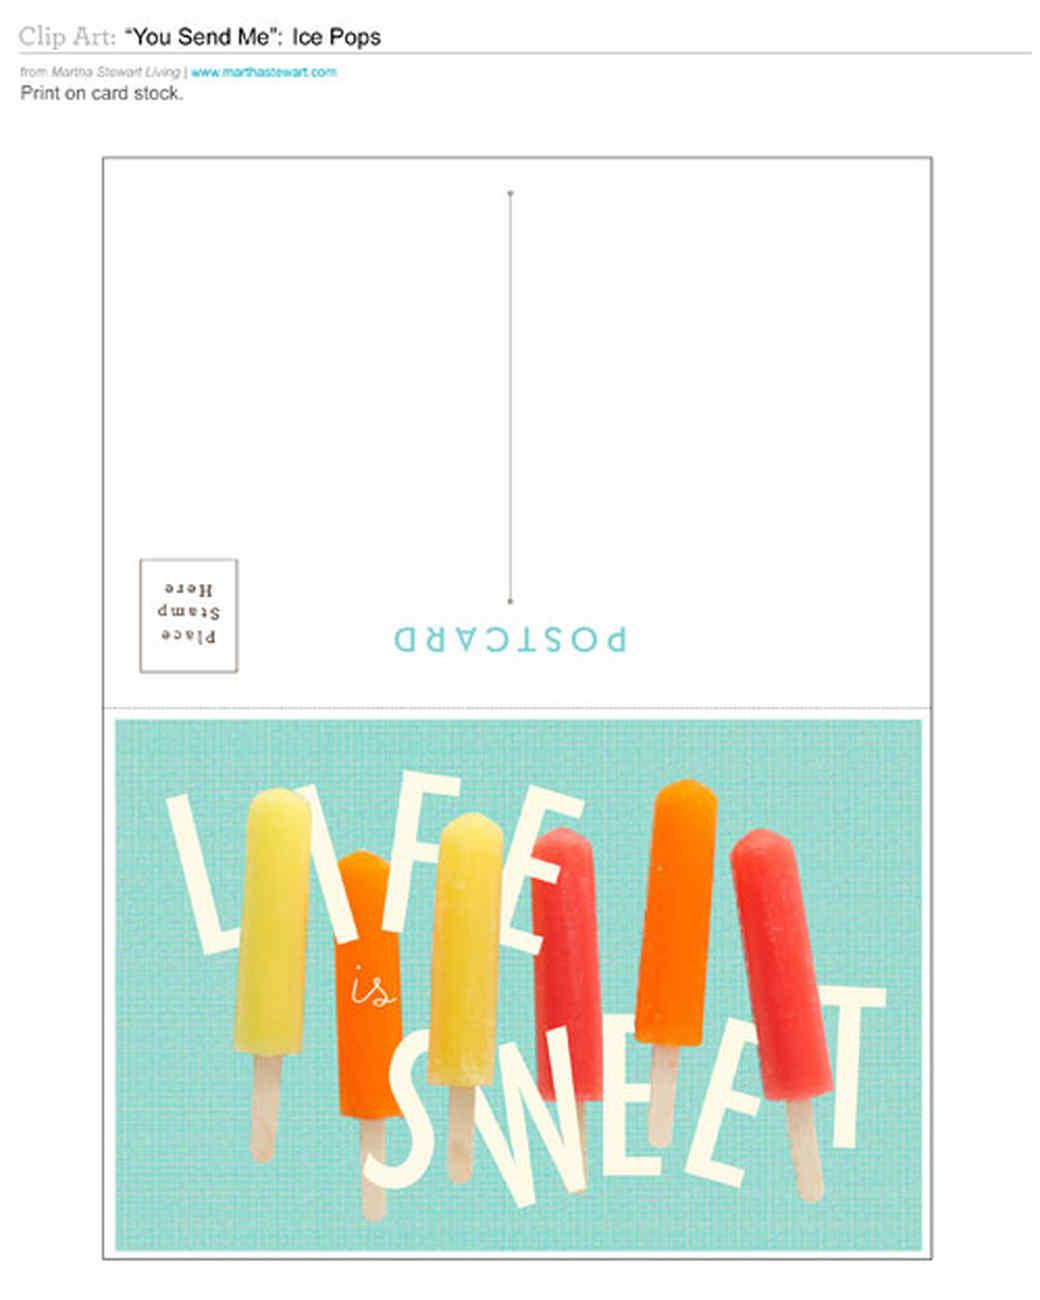 poastcards-sweet-0811mld107292.jpg